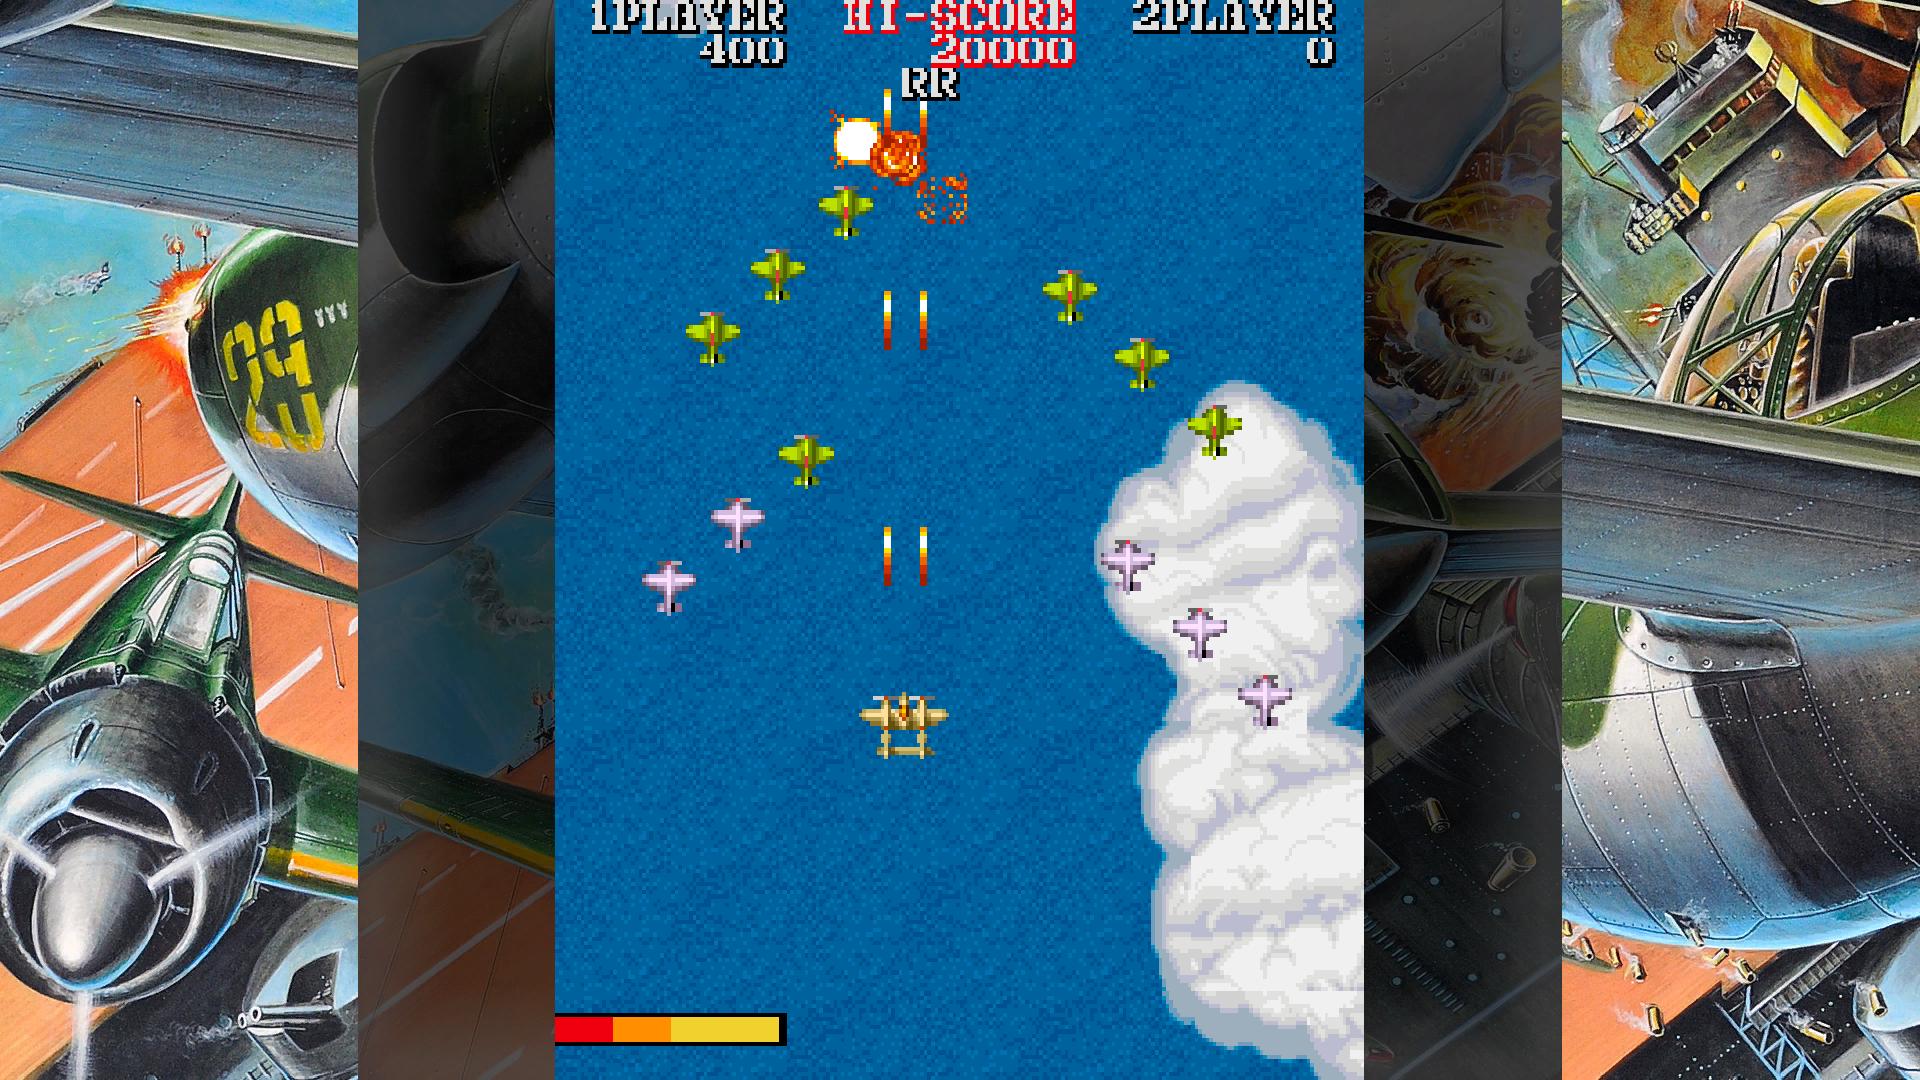 Capcom-Arcade-Stadium_2021_04-26-21_002